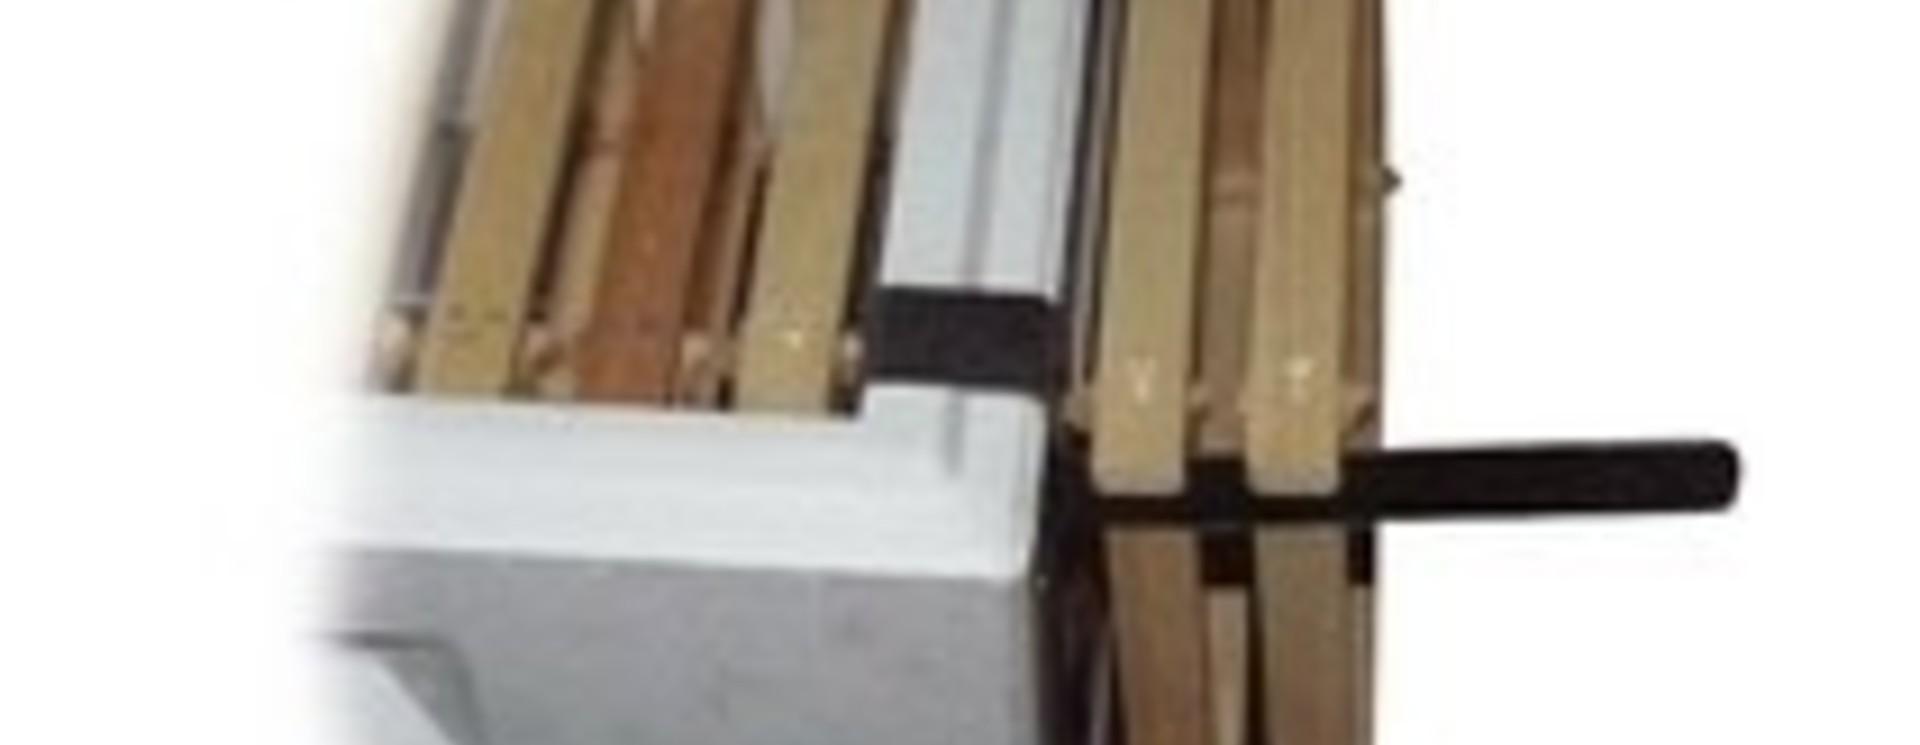 Frame holders